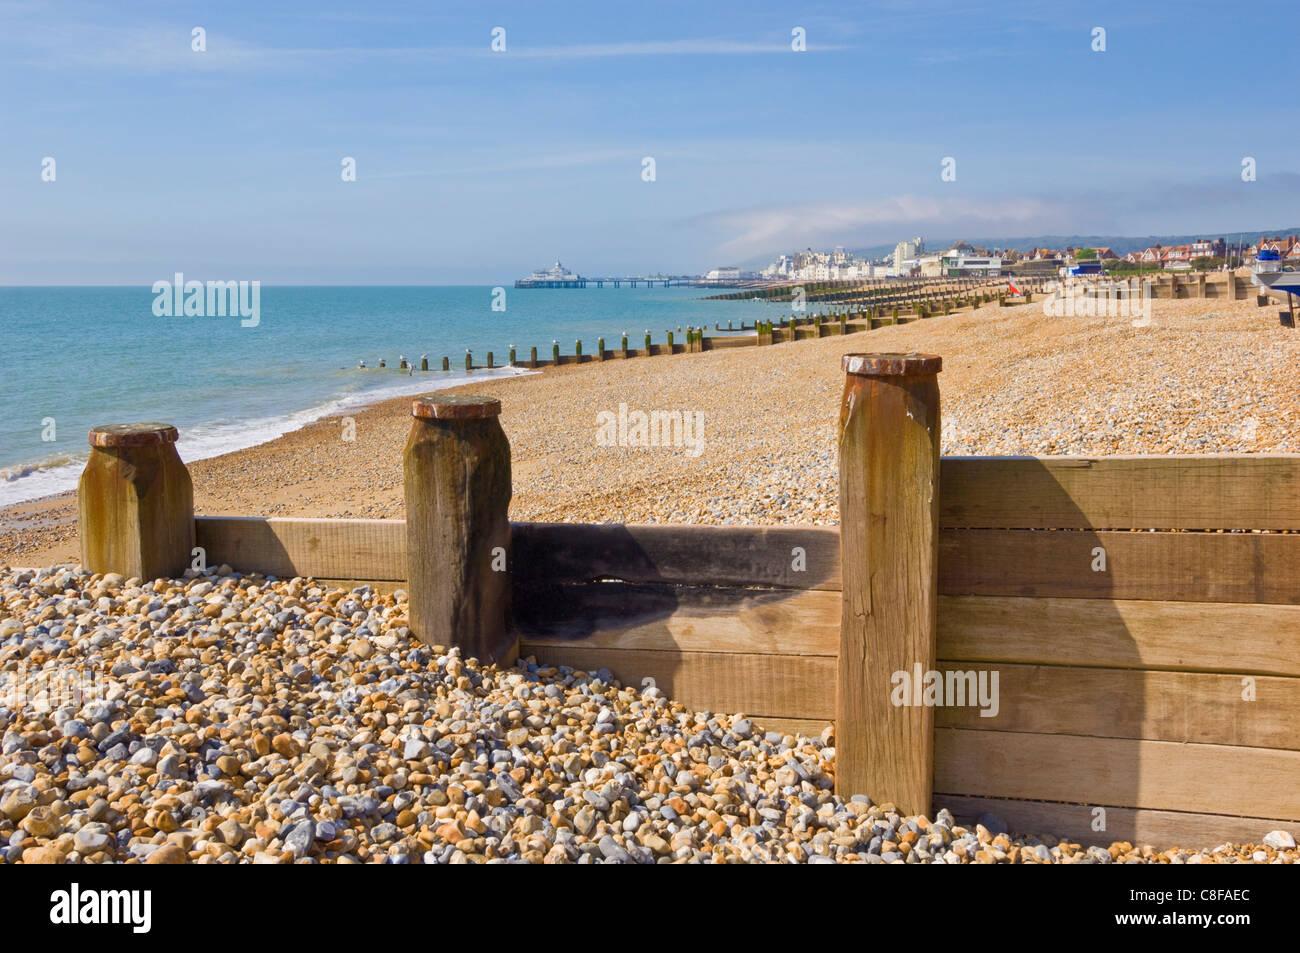 Pebble Beach und Buhnen, Eastbourne Pier in der Ferne, Eastbourne, East Sussex, England, Vereinigtes Königreich Stockfoto